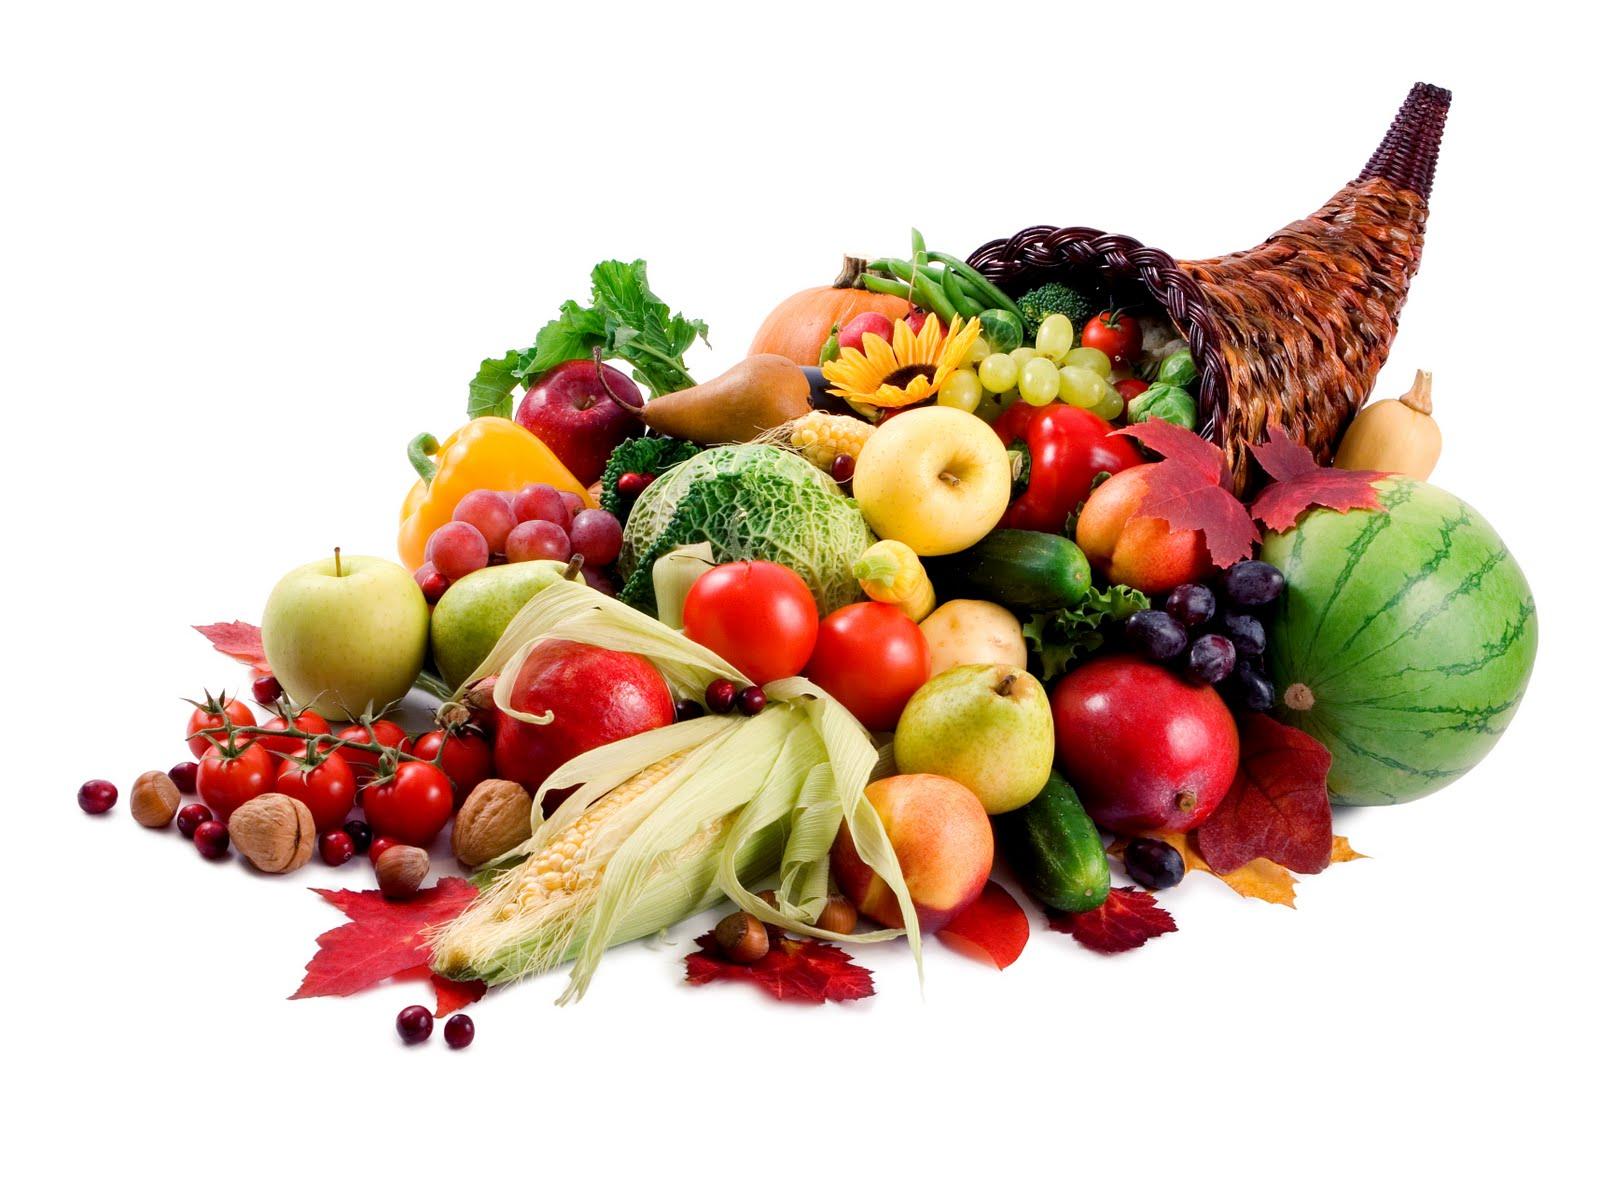 Ce cantitati de vitamine trebuie sa consumi?